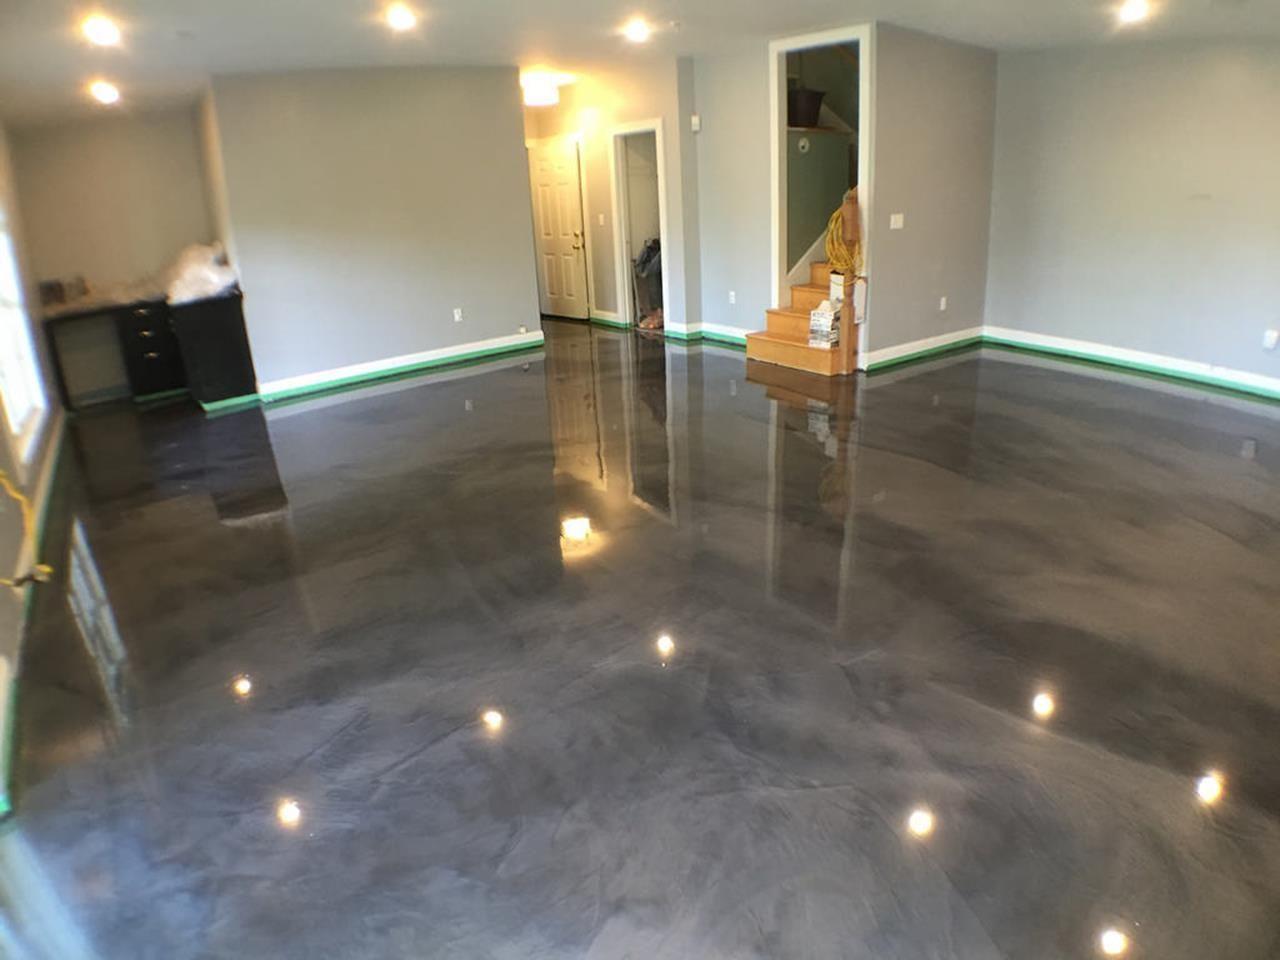 17 Enthralling Bedroom Paintings Fixer Upper Ideas Basement Concrete Floor Paint Floor Paint Colors Painted Concrete Floors